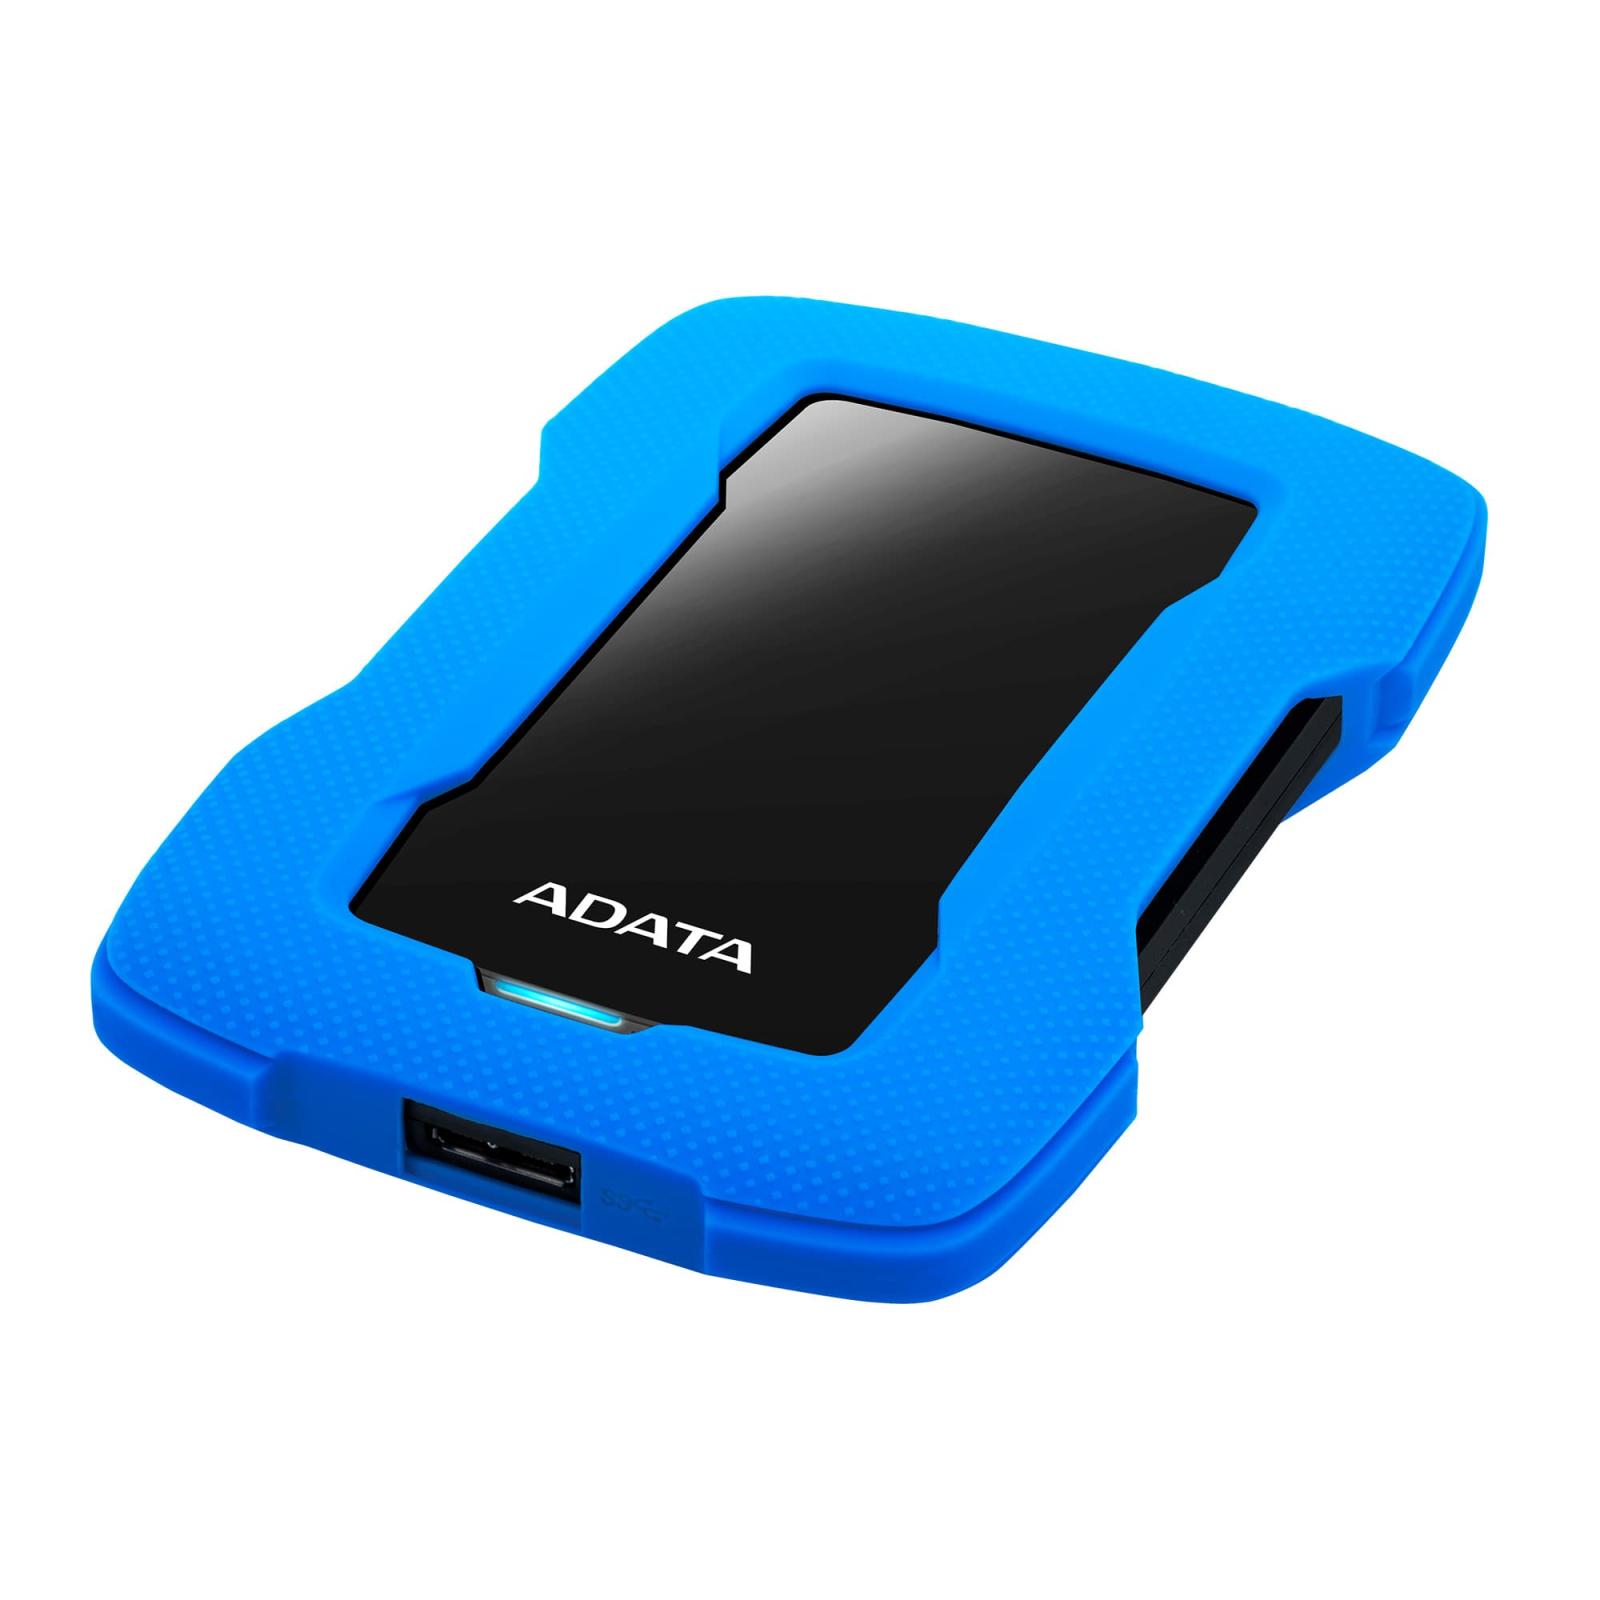 """Внешний жесткий диск 2.5"""" 1TB ADATA (AHD330-1TU31-CBL) изображение 3"""